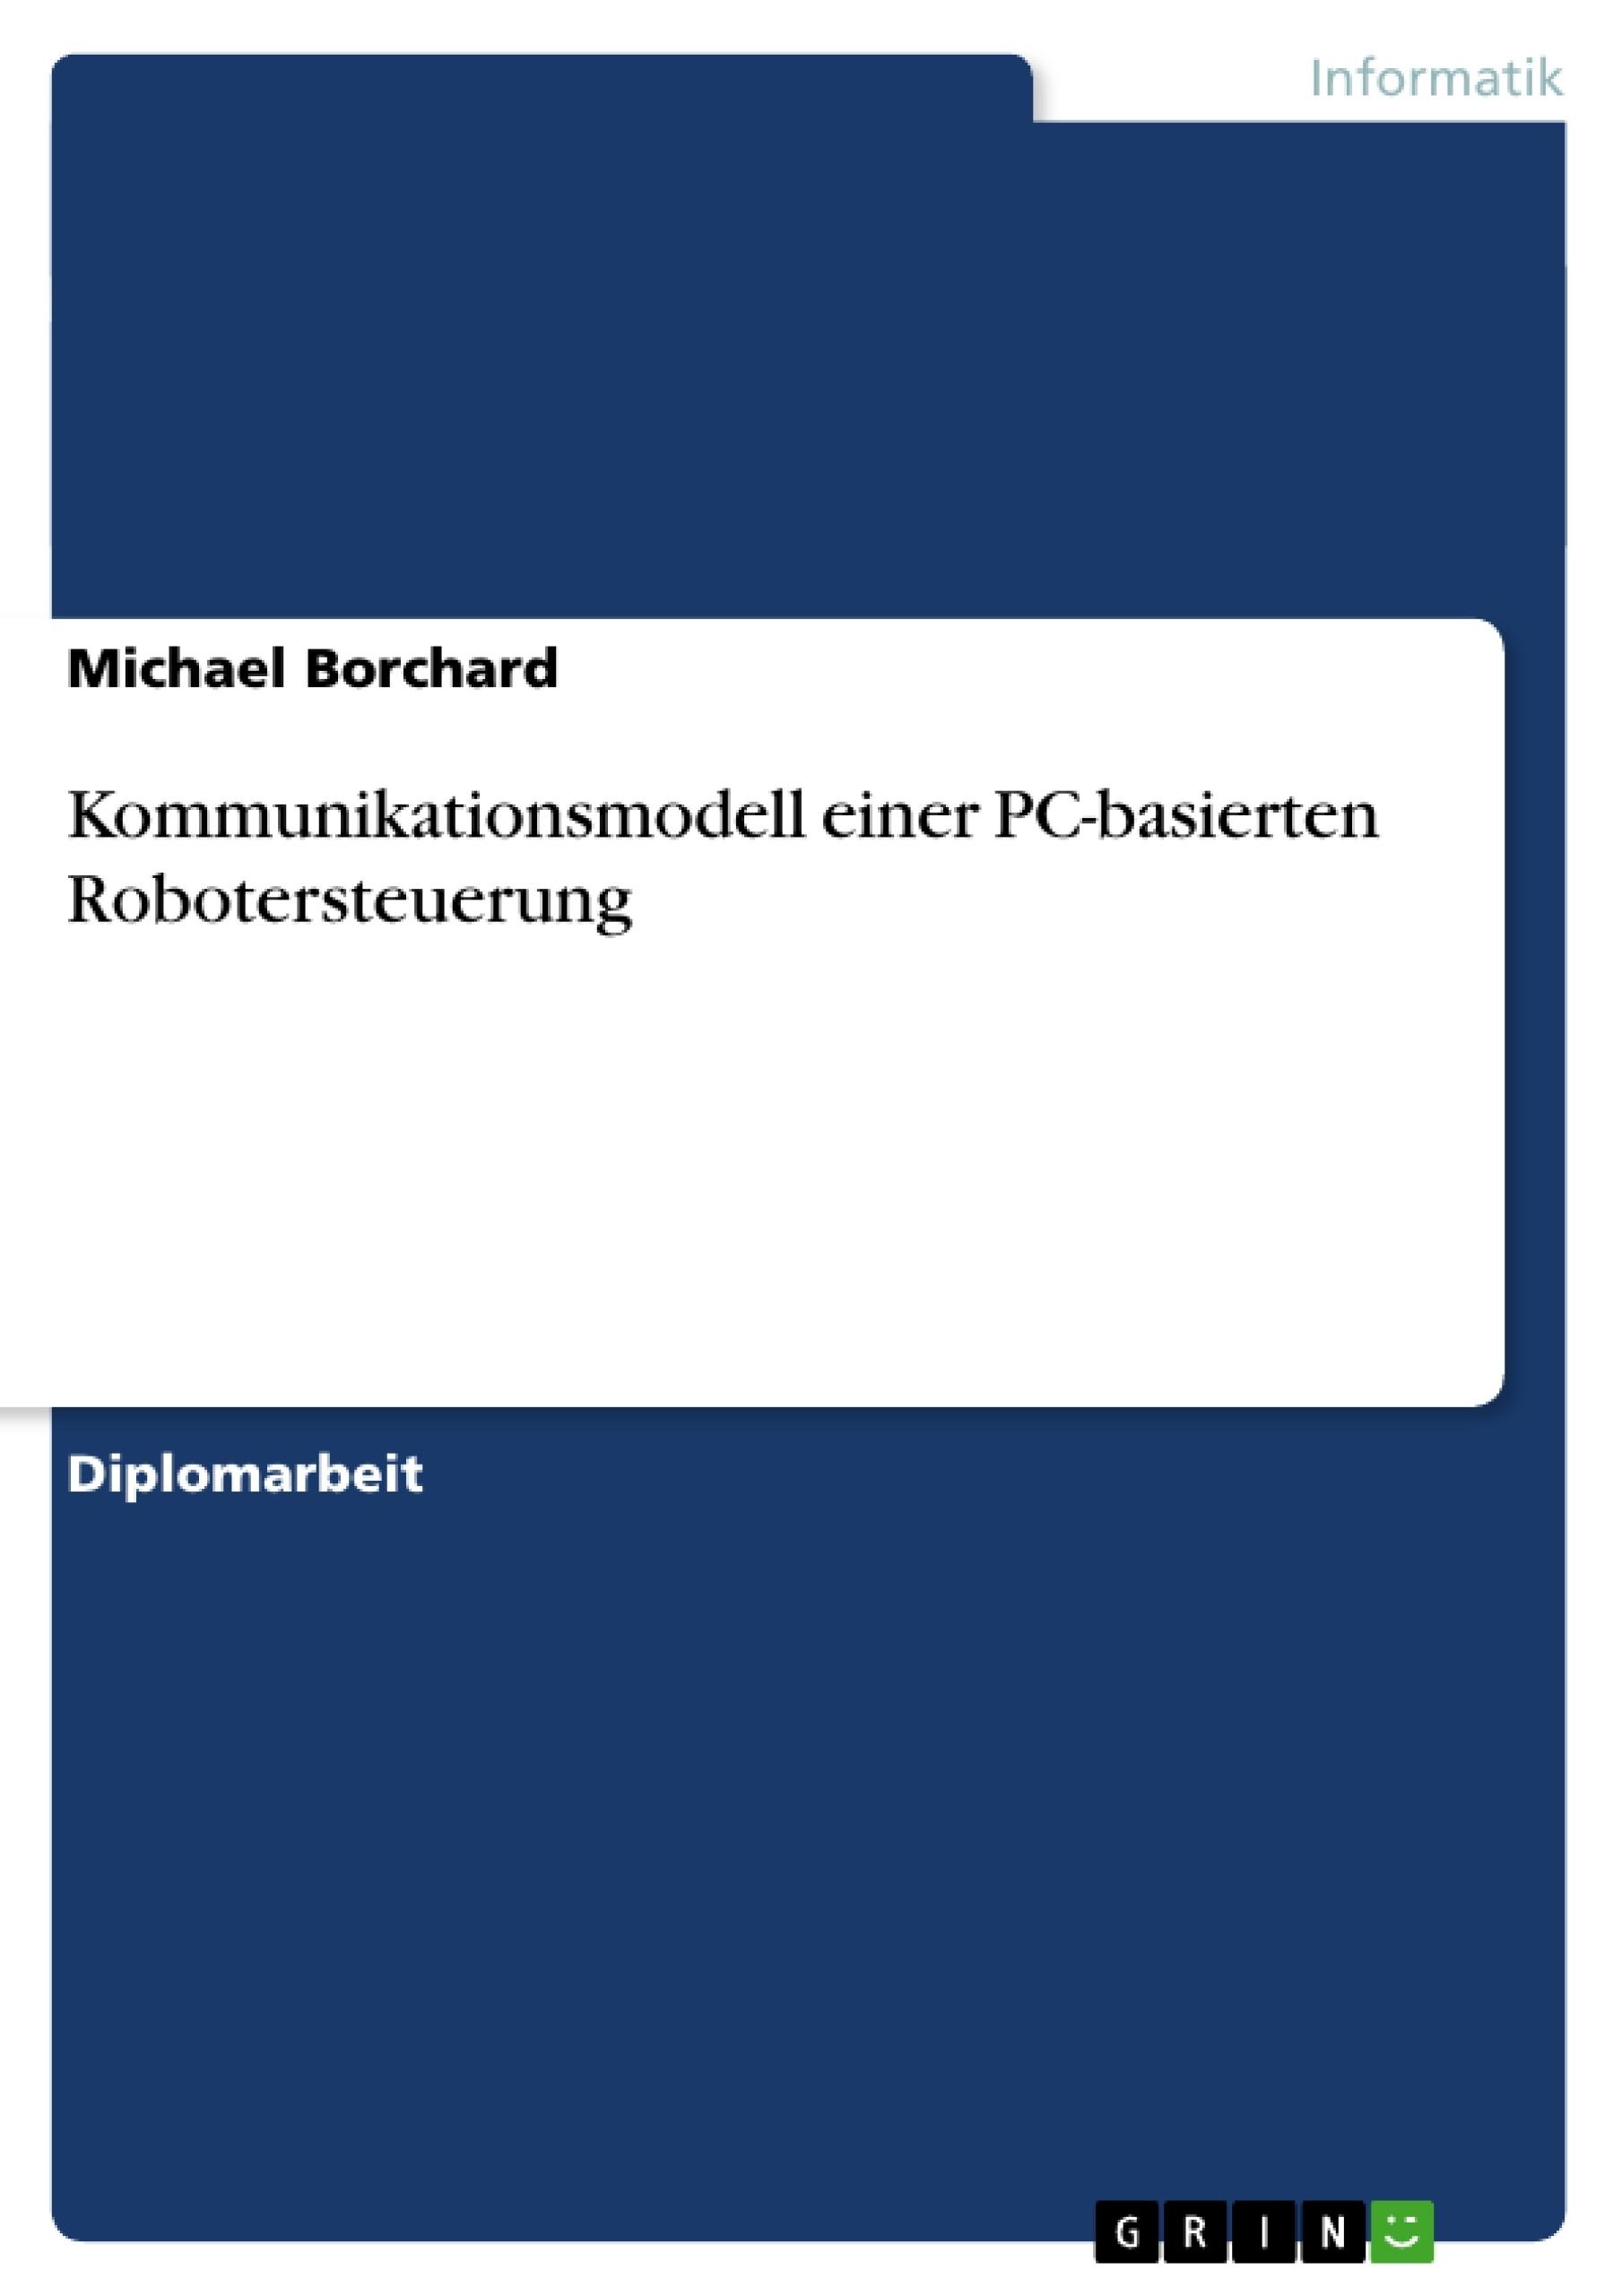 Titel: Kommunikationsmodell einer PC-basierten Robotersteuerung